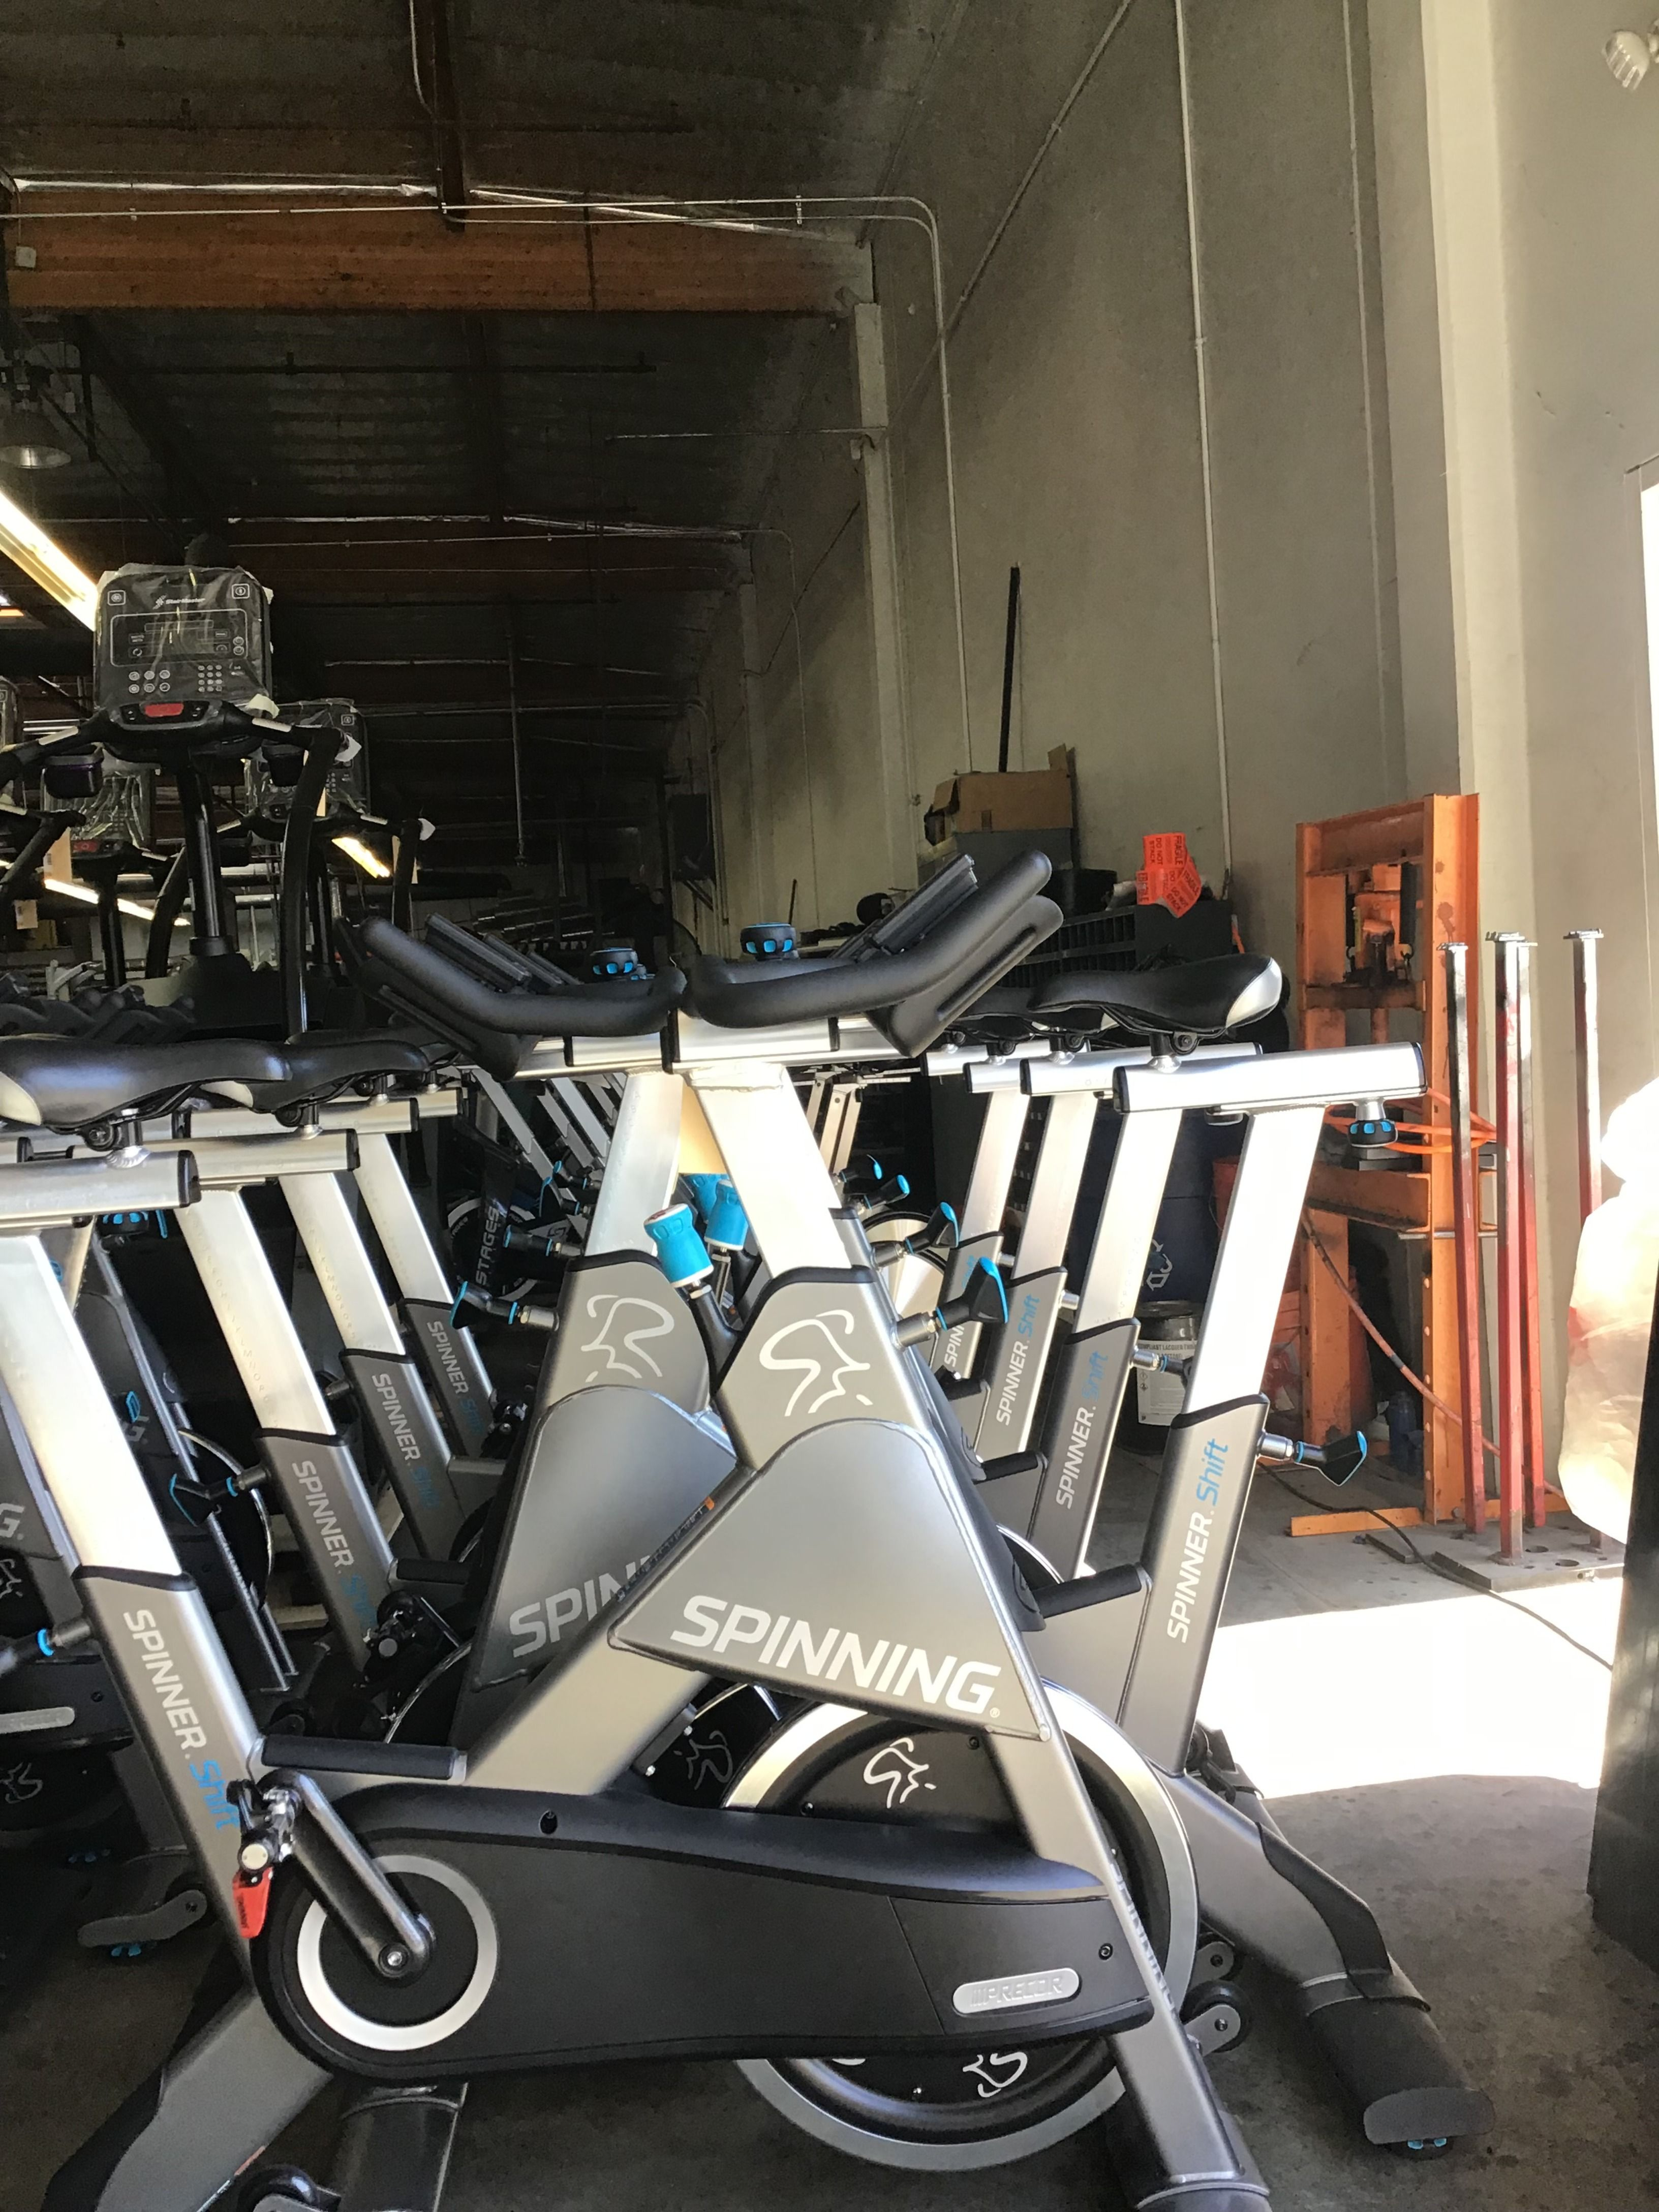 Primo Fitness   Commercial gym equipment, Gym equipment, Gym